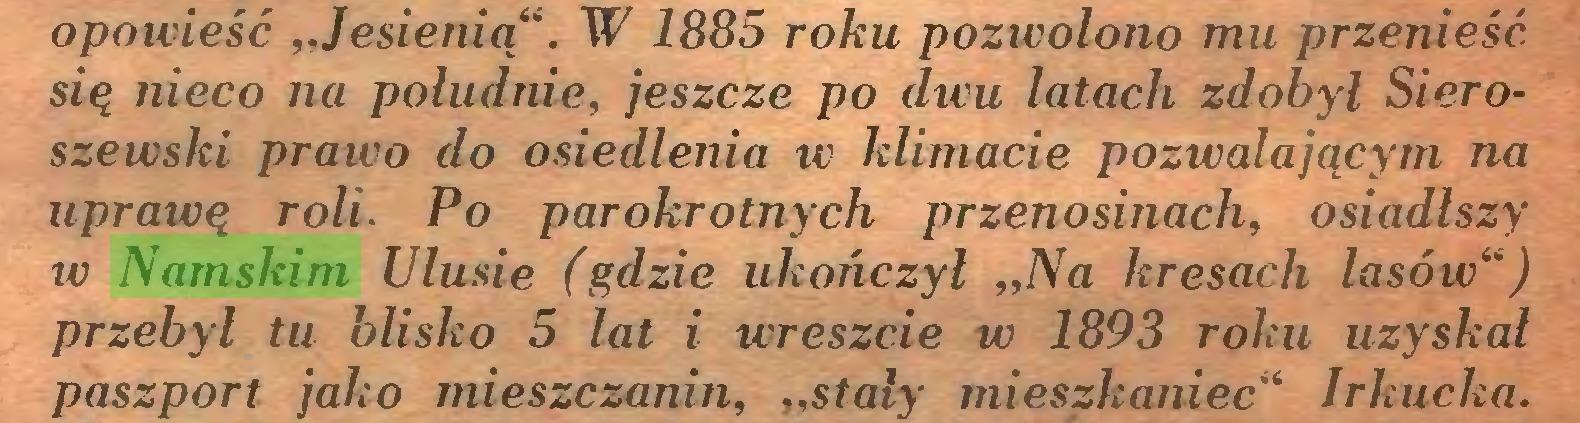 """(...) opowieść """"Jesienią"""". W 1885 roku pozwolono mu przenieść się nieco na południe, jeszcze po dwu latach zdobył Sieroszewski prawo do osiedlenia w klimacie pozwalającym na uprawę roli. Po parokrotnych przenosinach, osiadlszy w Namskim Ulusie (gdzie ukończył """"Na kresach lasów"""") przebył tu blisko 5 lat i wreszcie w 1893 roku uzyskał paszport jako mieszczanin, """"stały mieszkaniec"""" Irkucka..."""